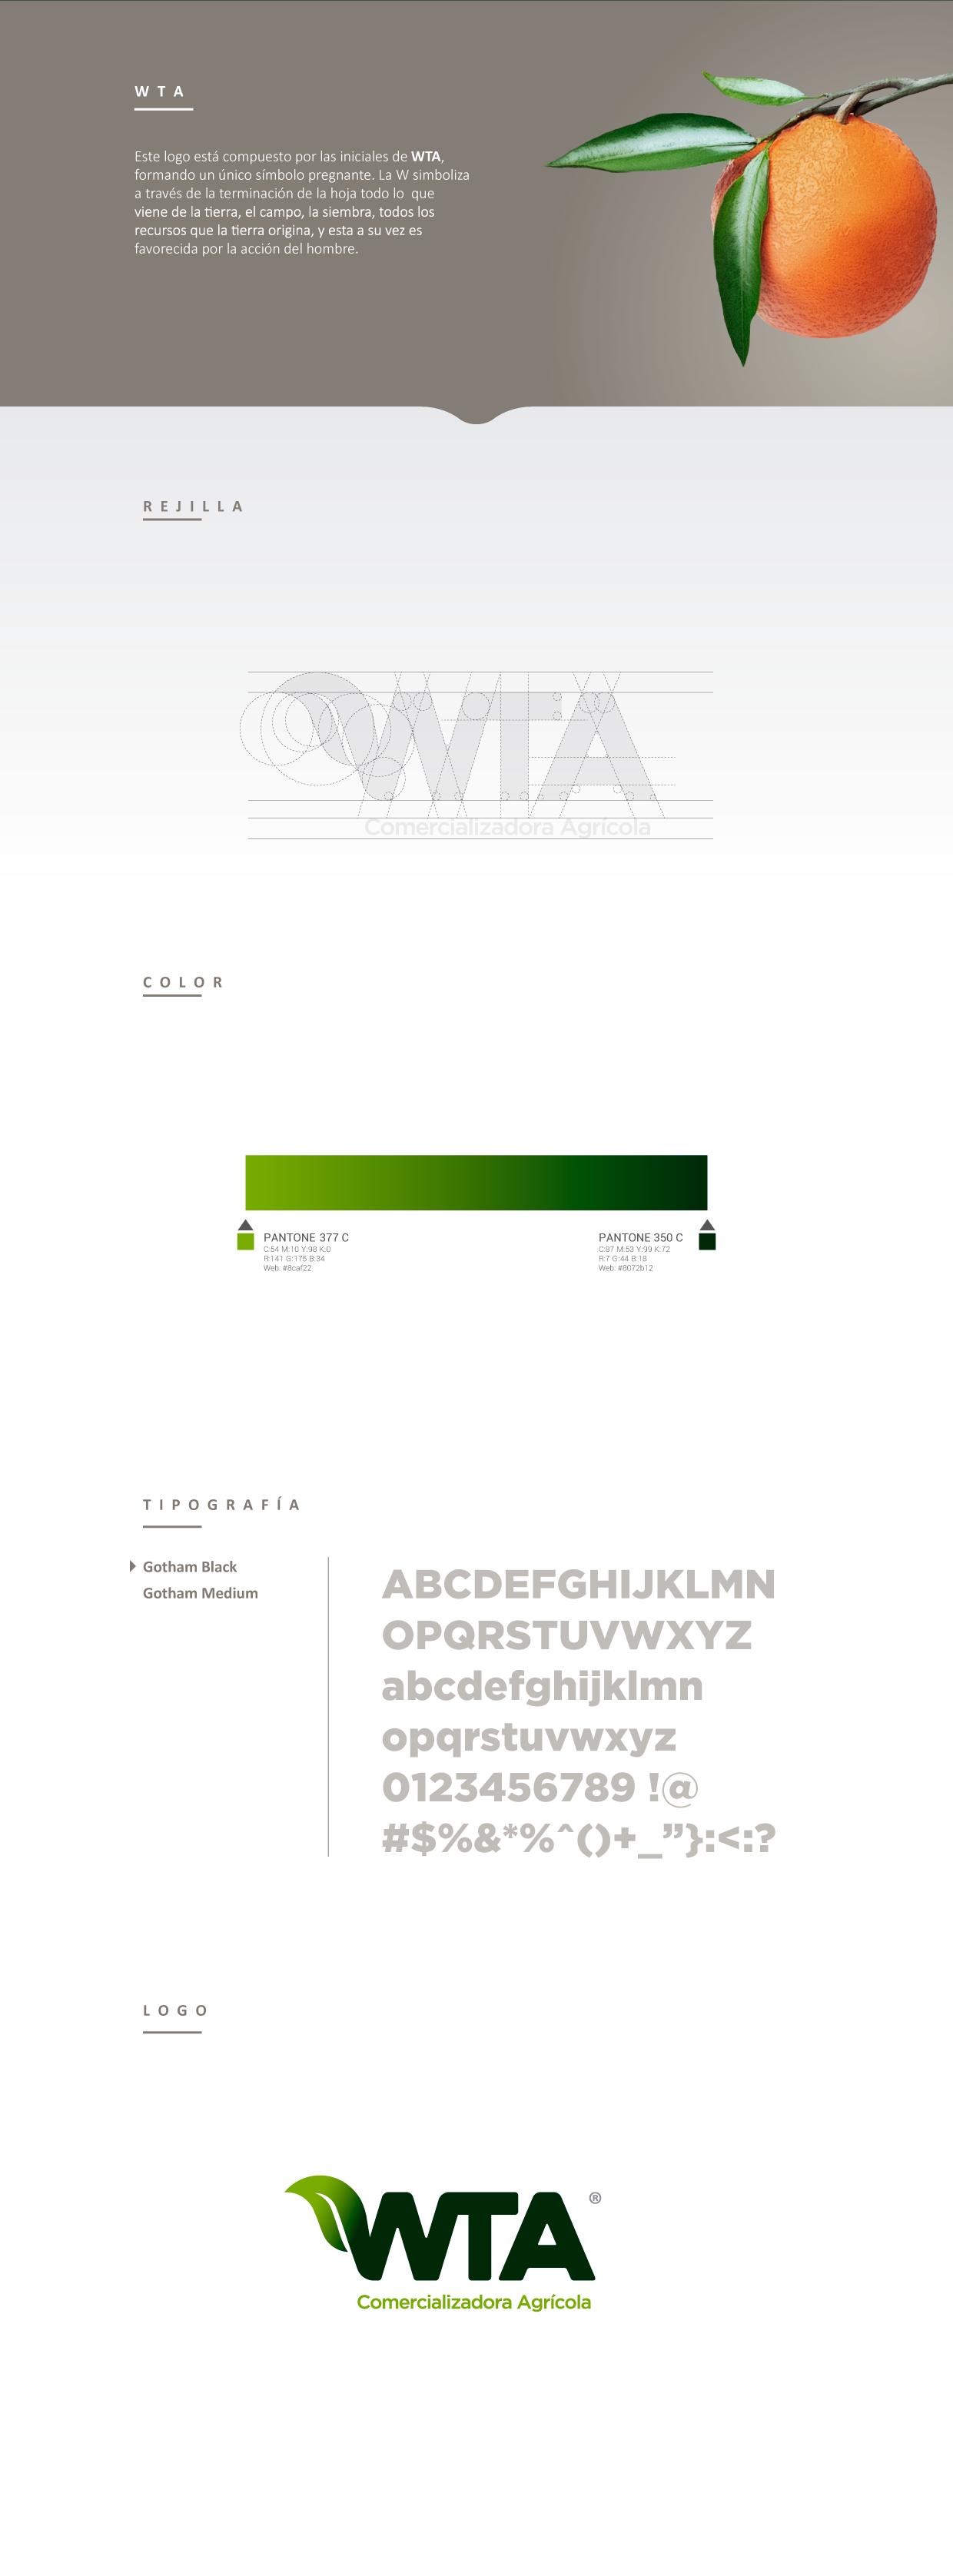 portafolio-rocket-WEB1